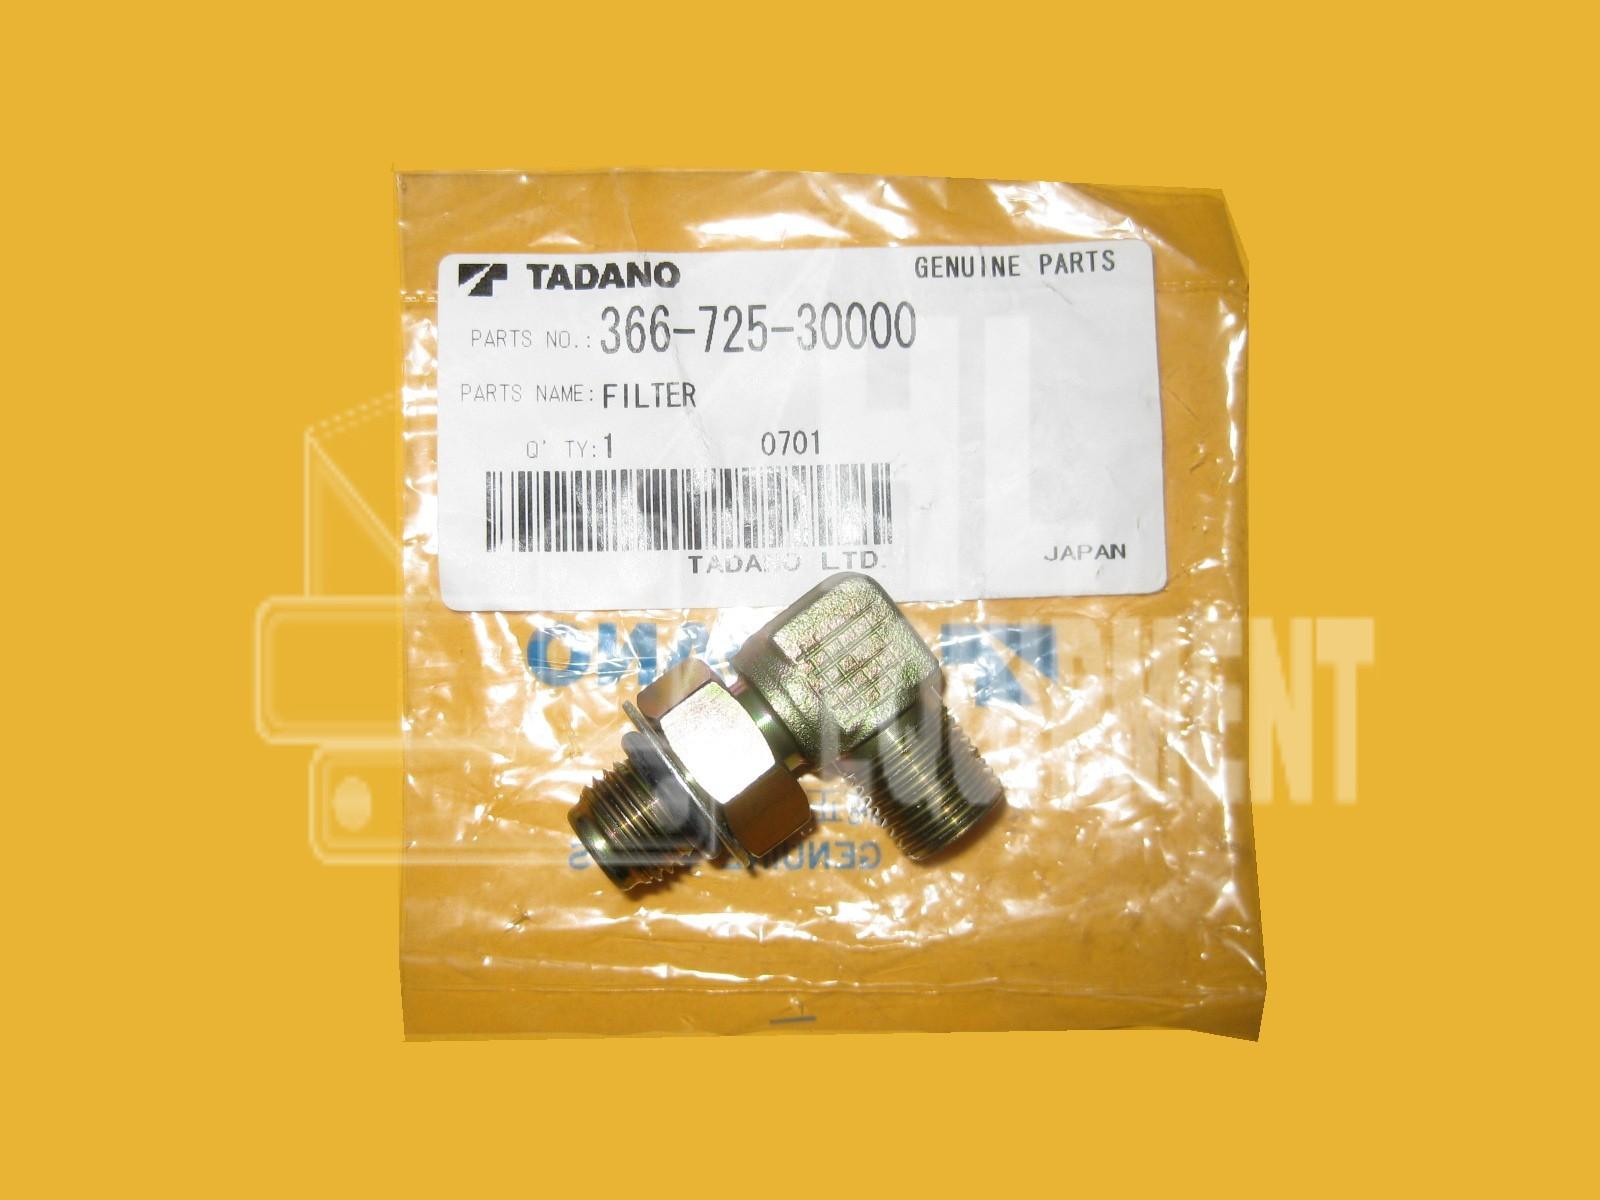 Tadano Filter